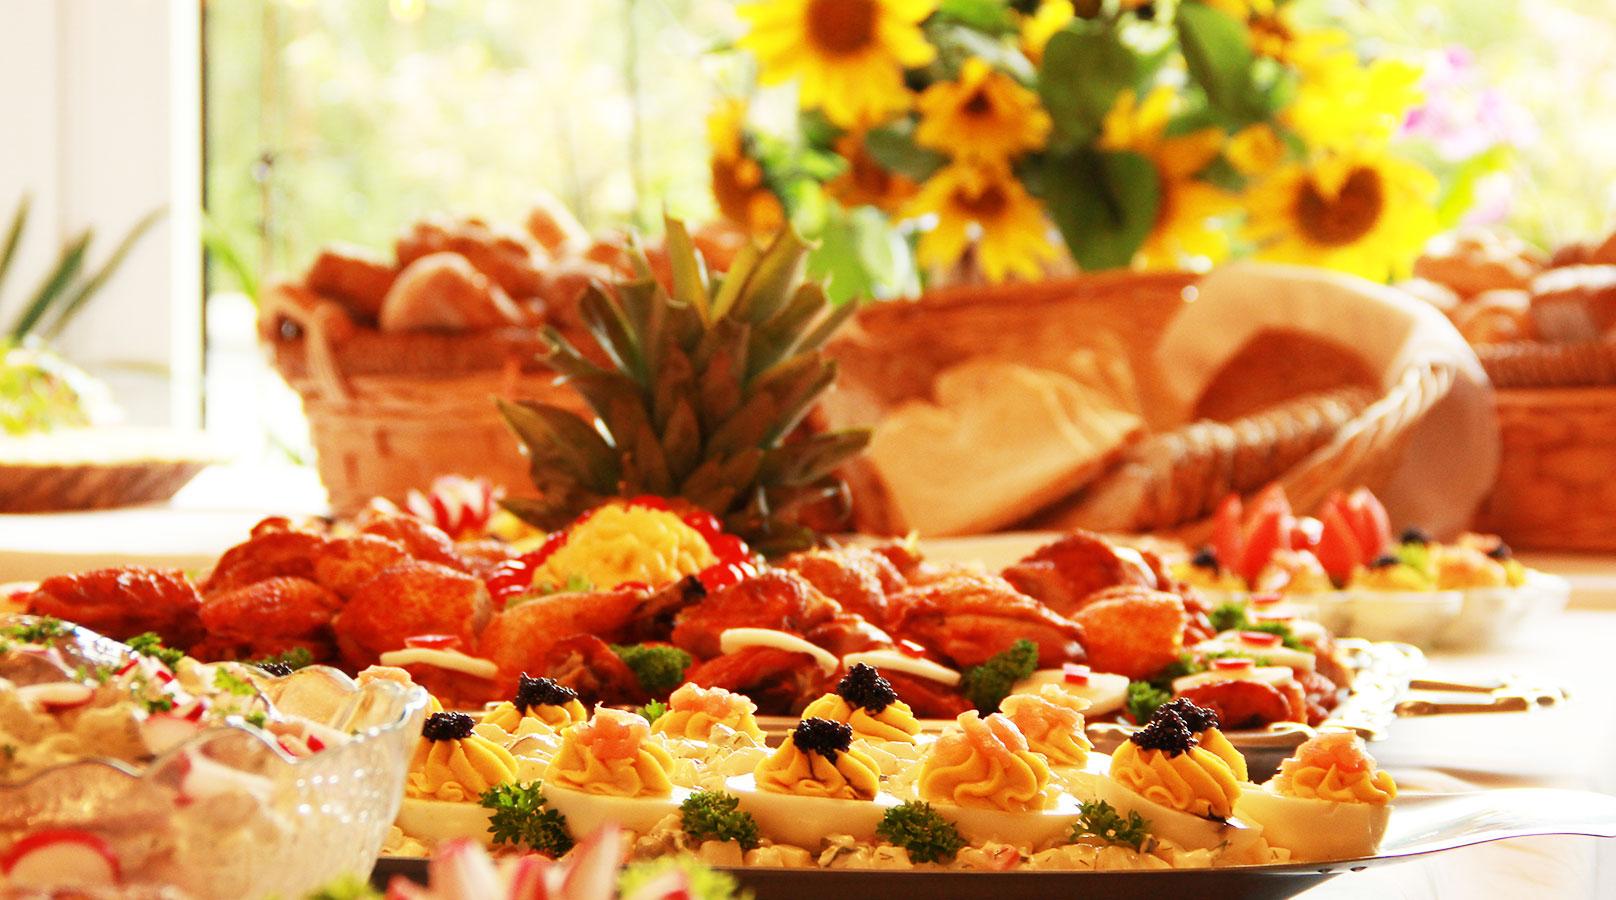 """Wir beliefern Sie auch """"Außer Haus"""" mit leckeren Spezialitäten. Stellen Sie sich einfach Ihr persönliches Menü zusammen oder bestellen Sie ein kaltes oder warmes Buffet ganz nach Ihren Wünschen. Wir liefern zu Ihnen nach Hause oder an Ihren Veranstaltungsort."""